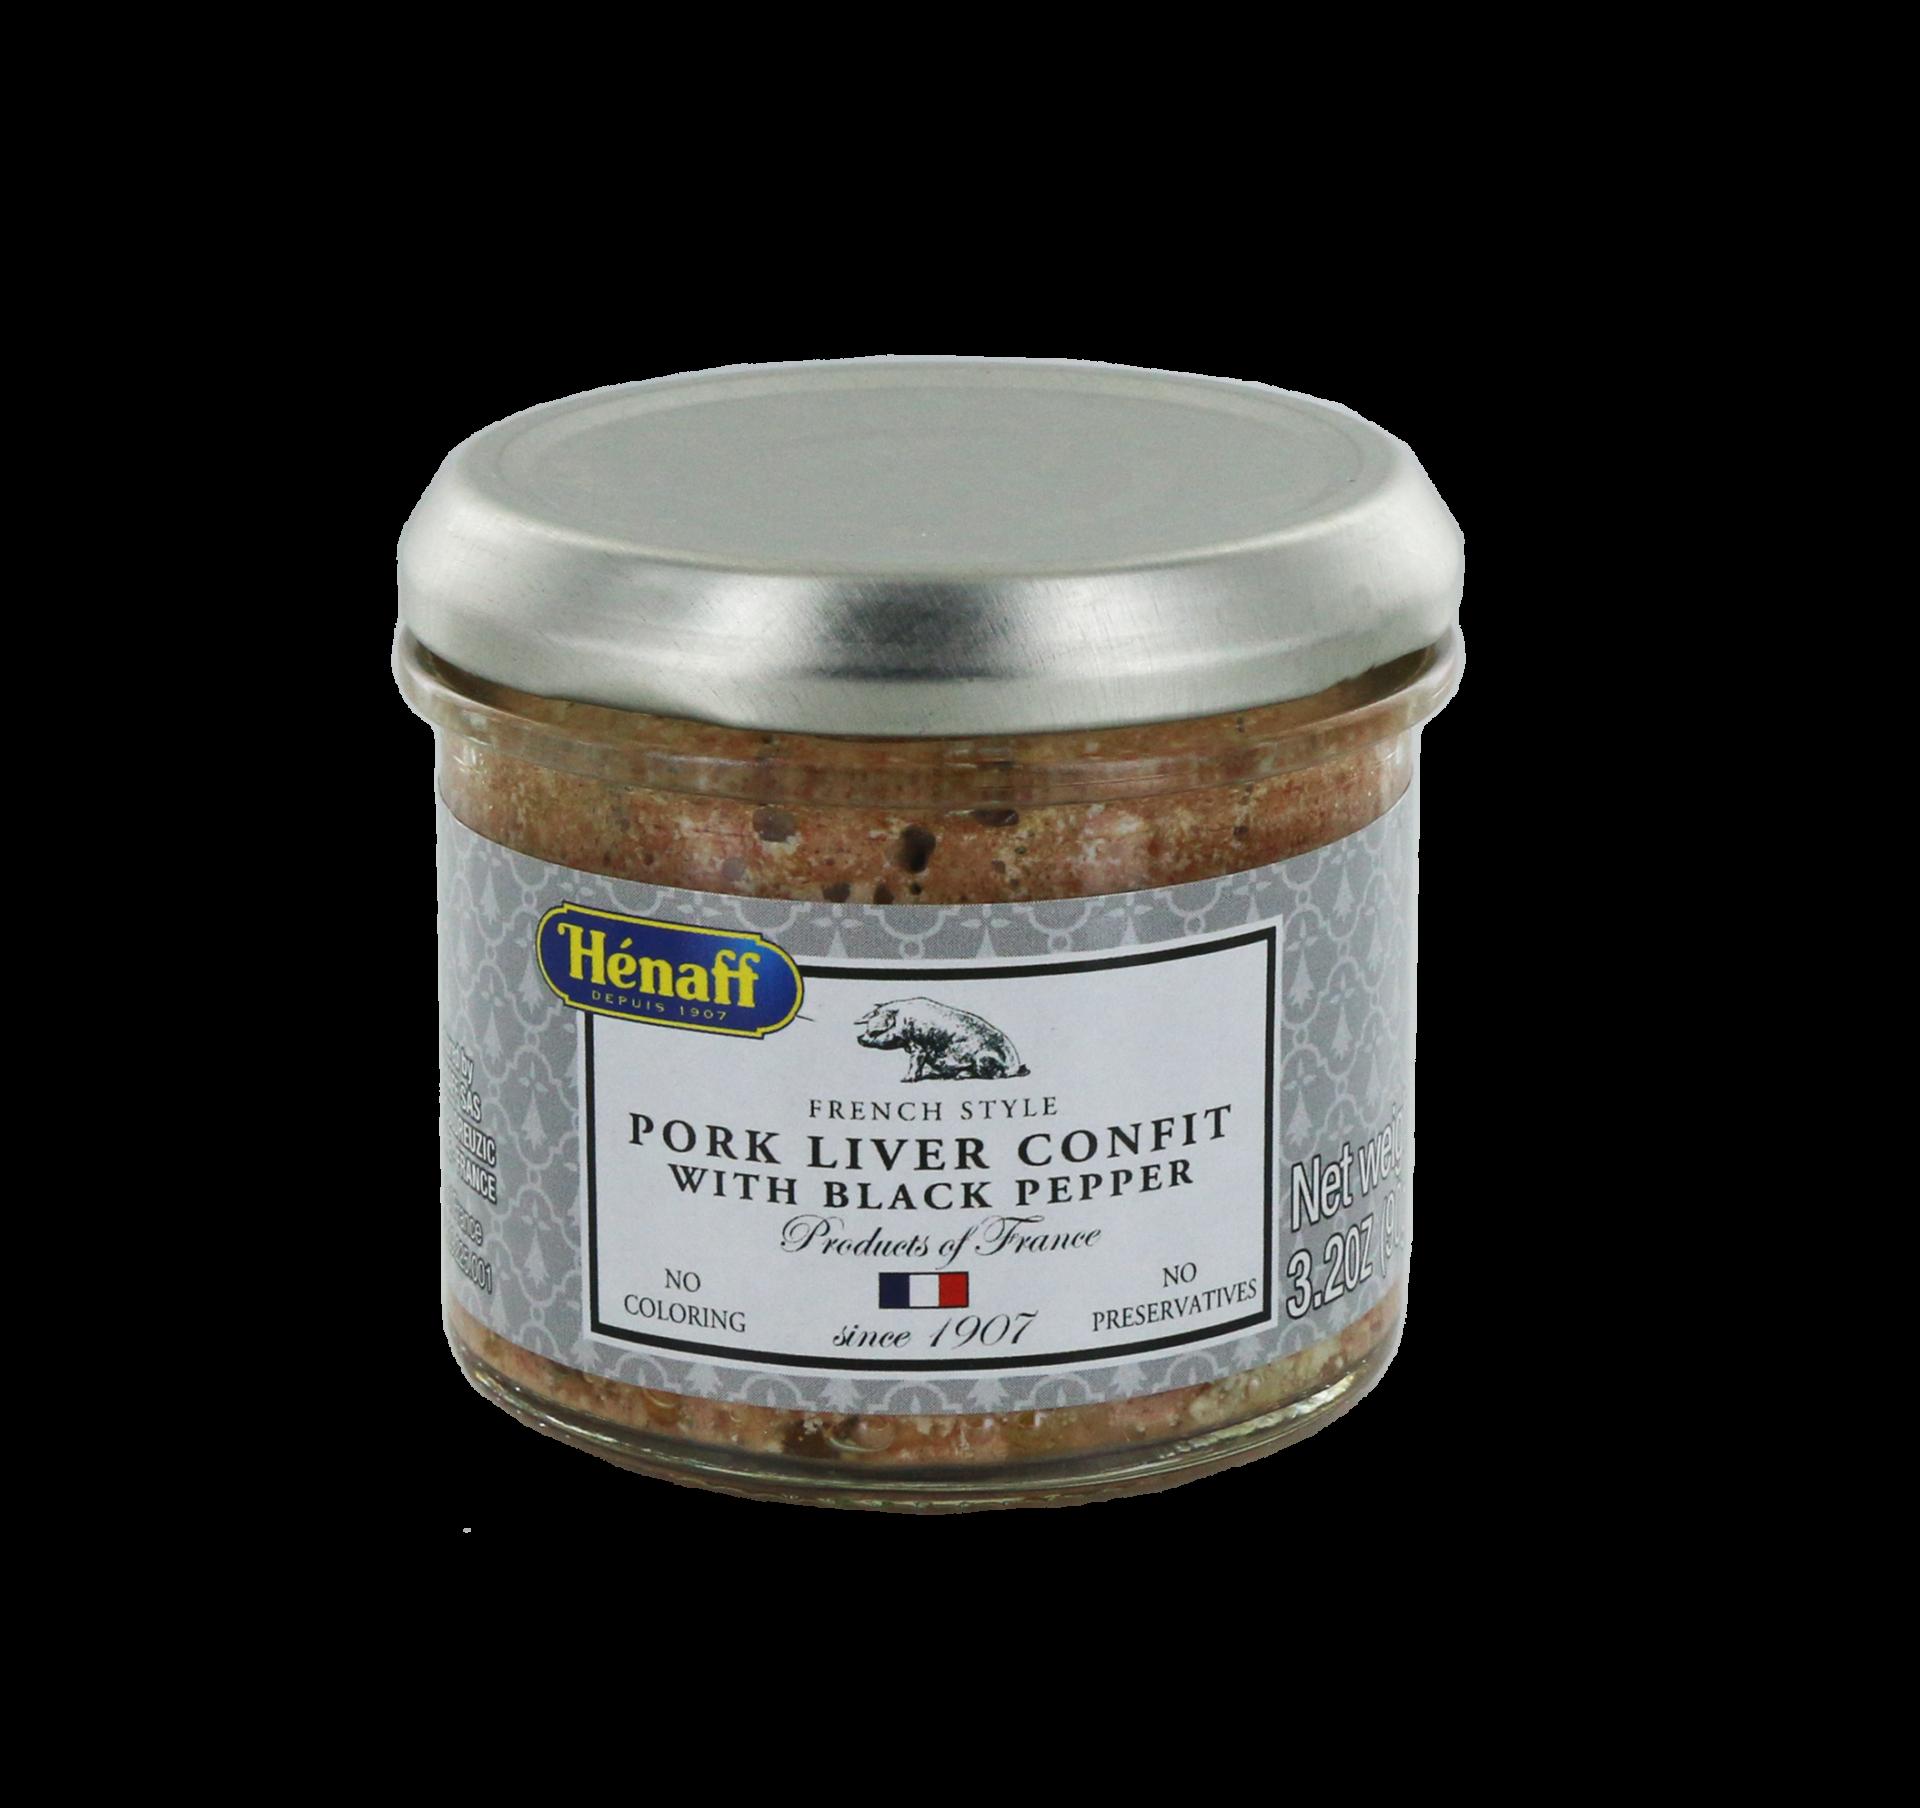 Pork Liver Confit with black Pepper